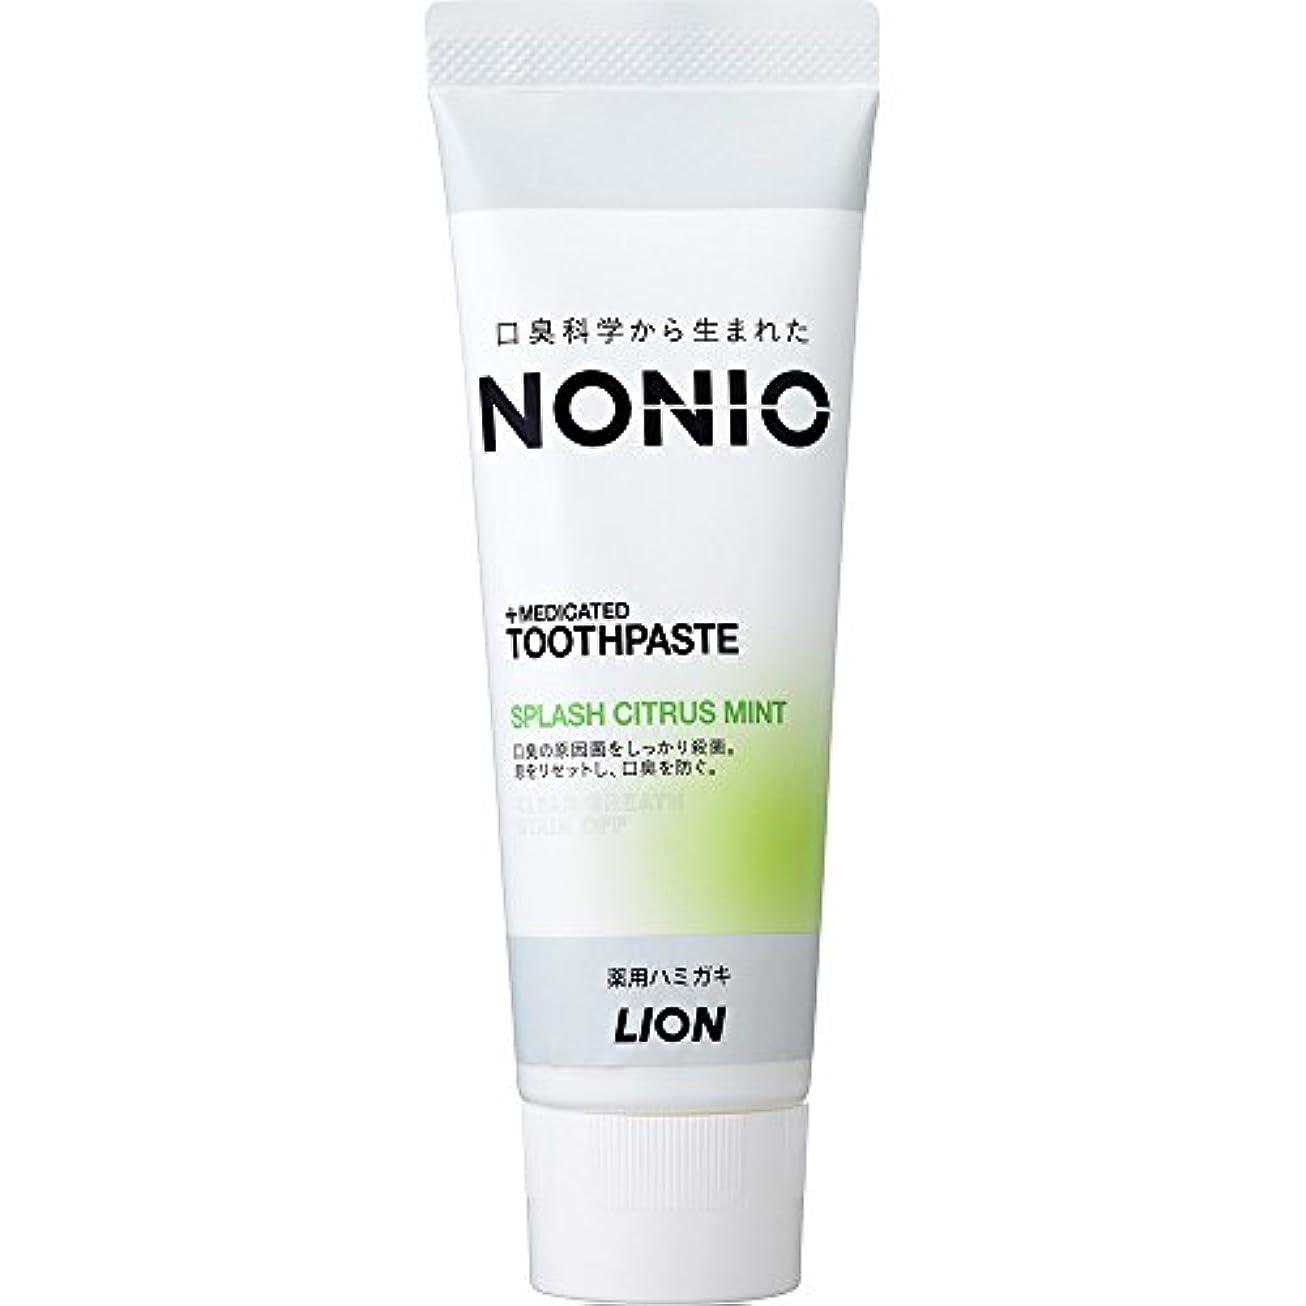 永遠の占める毒性NONIO ハミガキ スプラッシュシトラスミント 130g